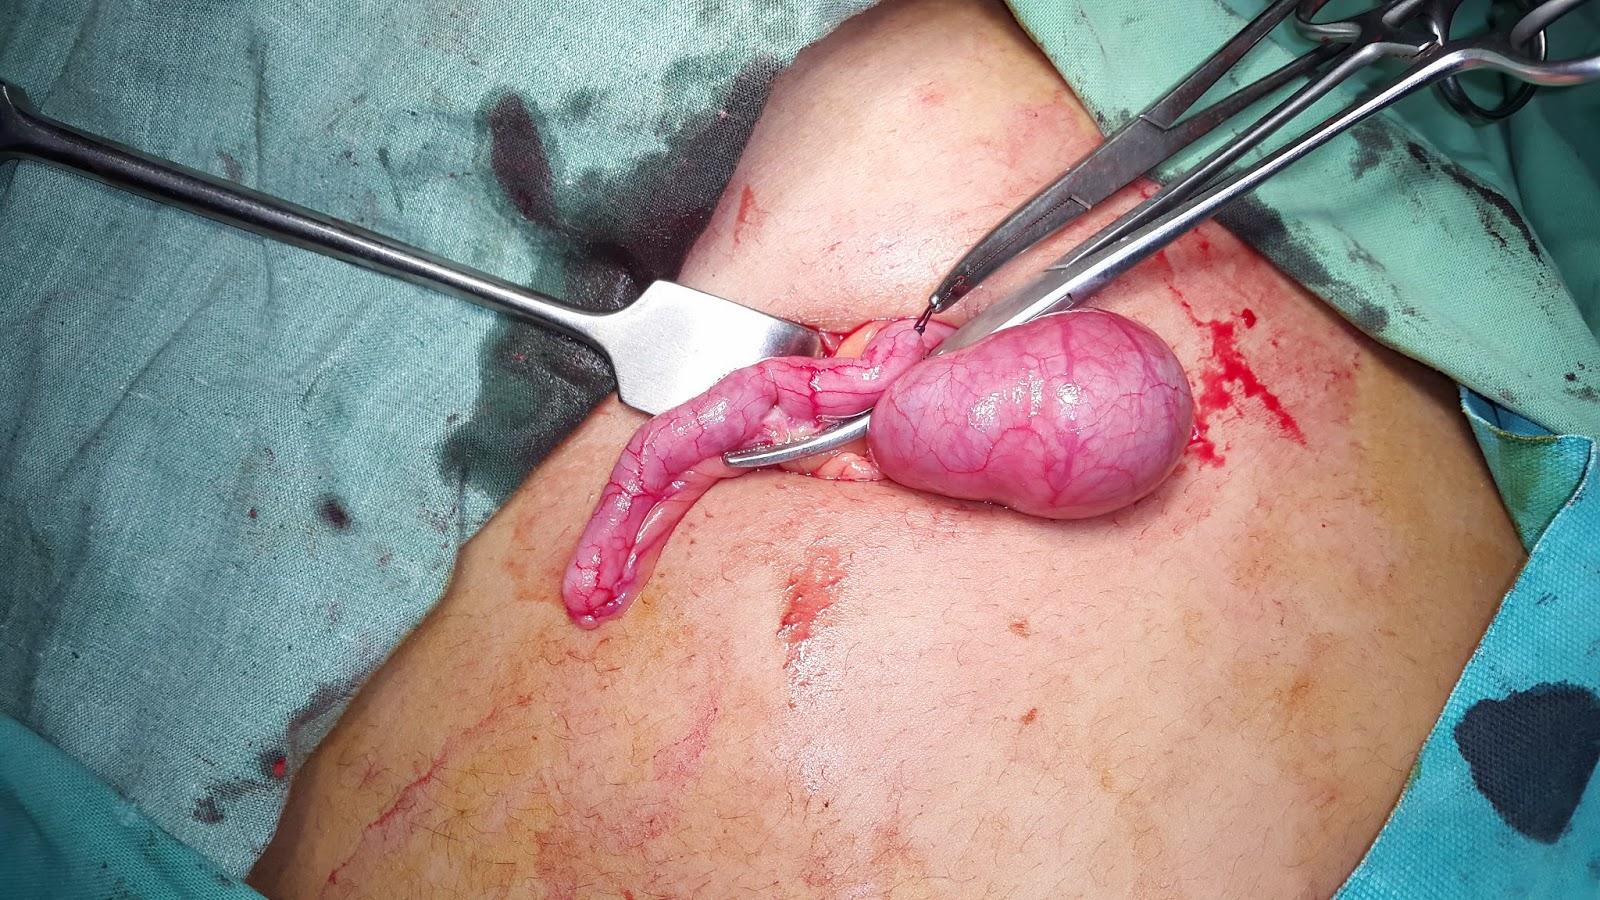 Acute Appendicitis Pic 4